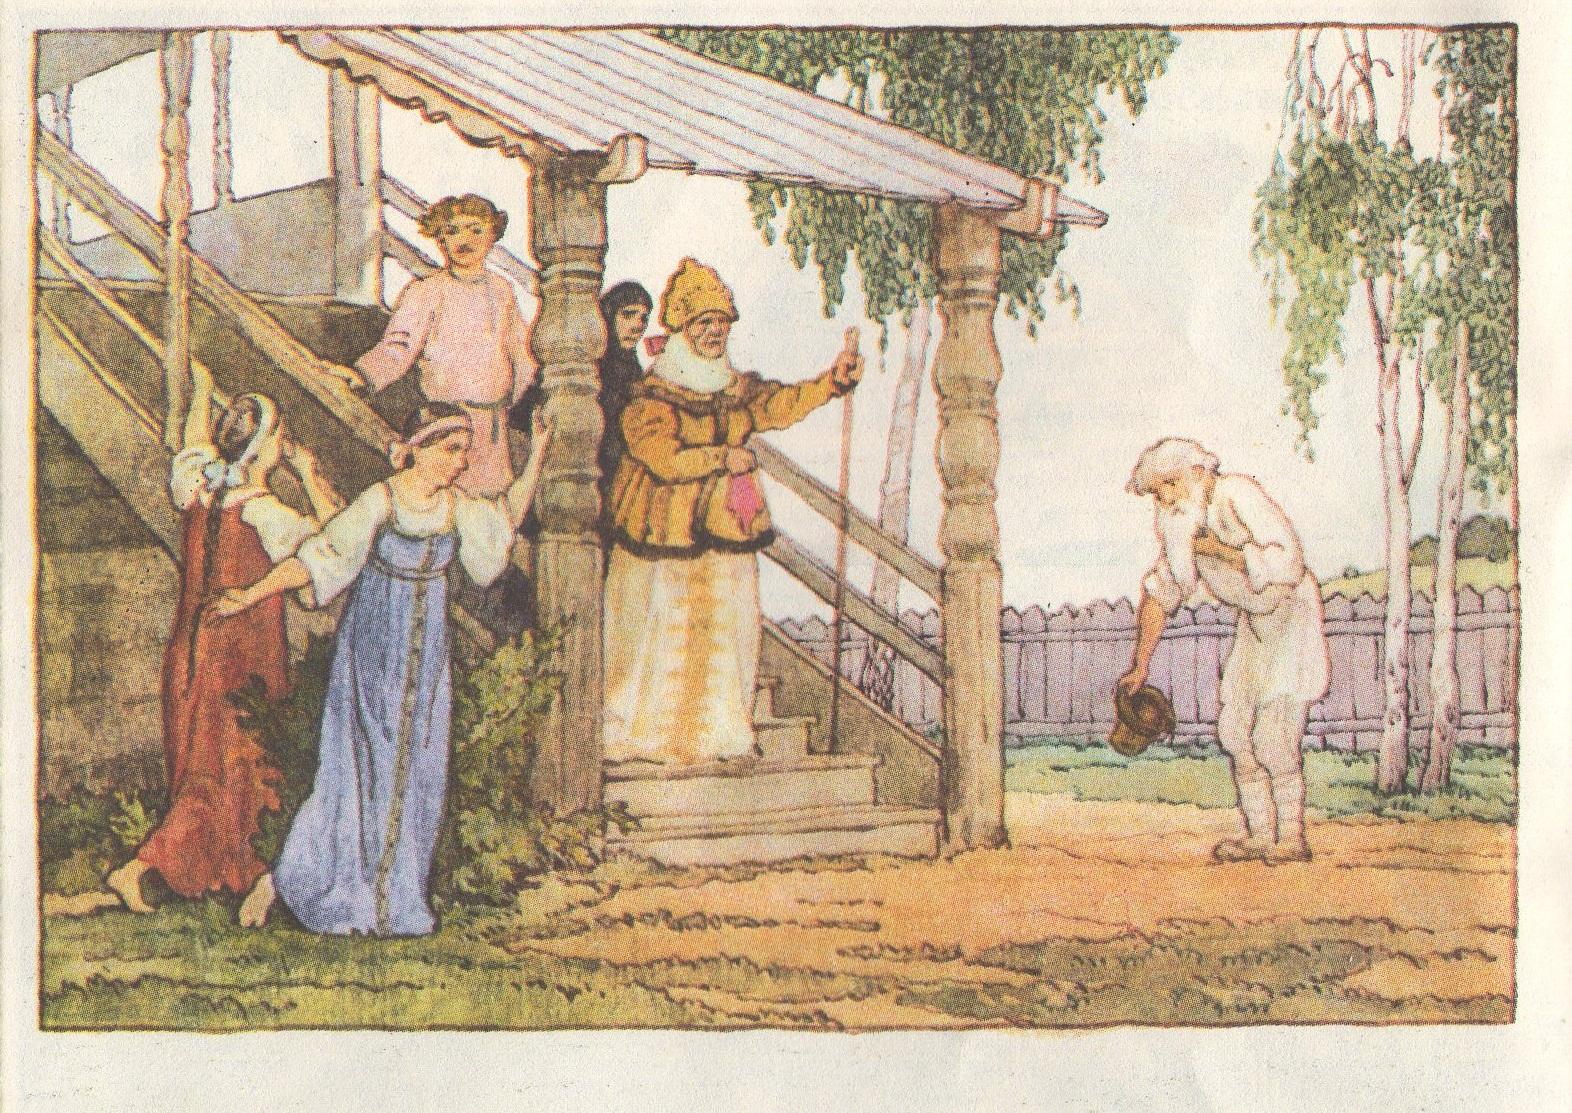 образ русского человека мужской образ неменский презентация 4 класс